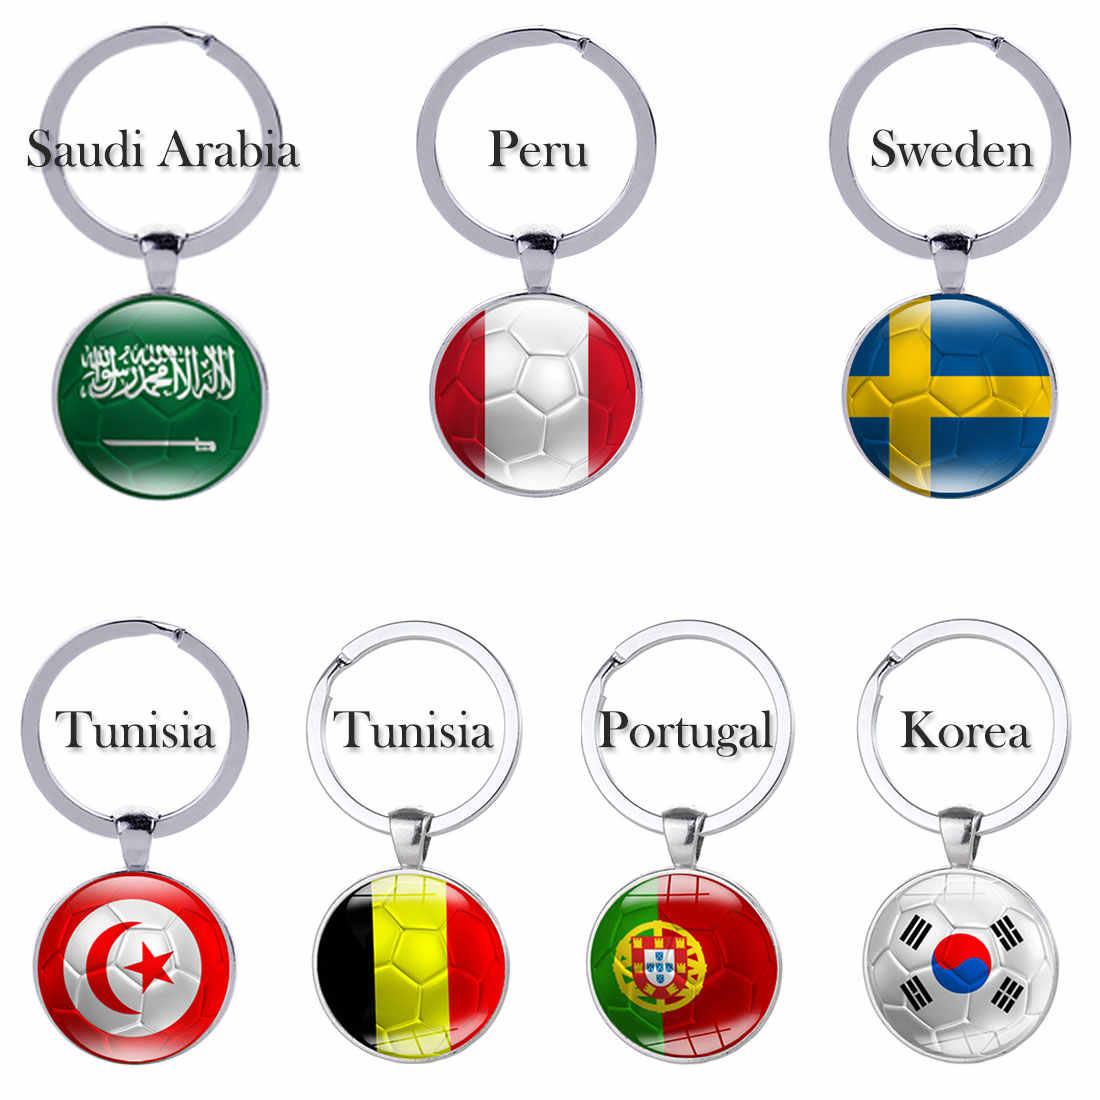 Llaveros de fútbol con llaveros de 32 países de Perú y Suecia, Tunis, seneña, llaveros de fútbol, recuerdo